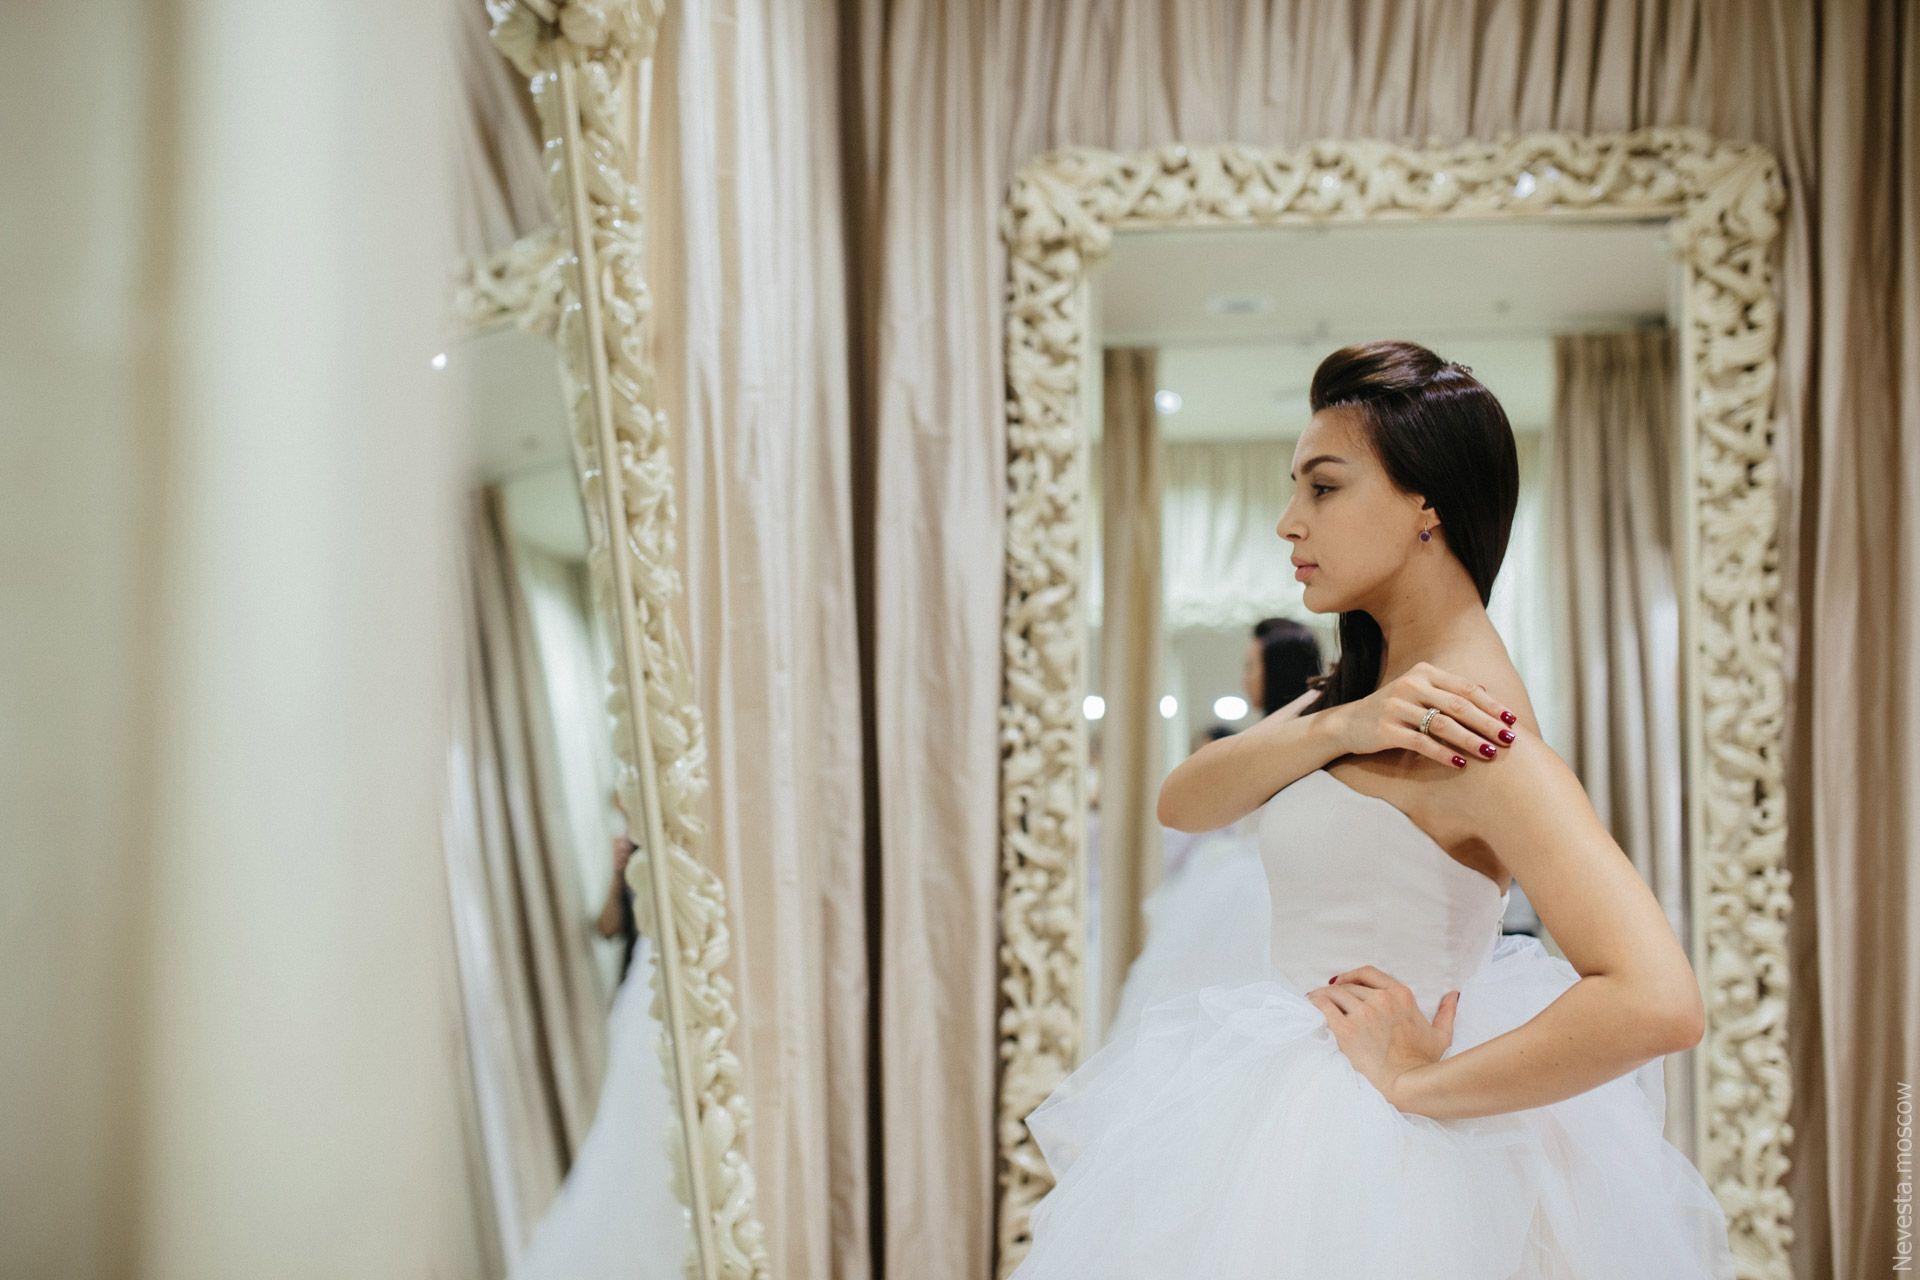 «Королева России» Диана Пегас примеряет образ для испанской свадьбы, фото 9